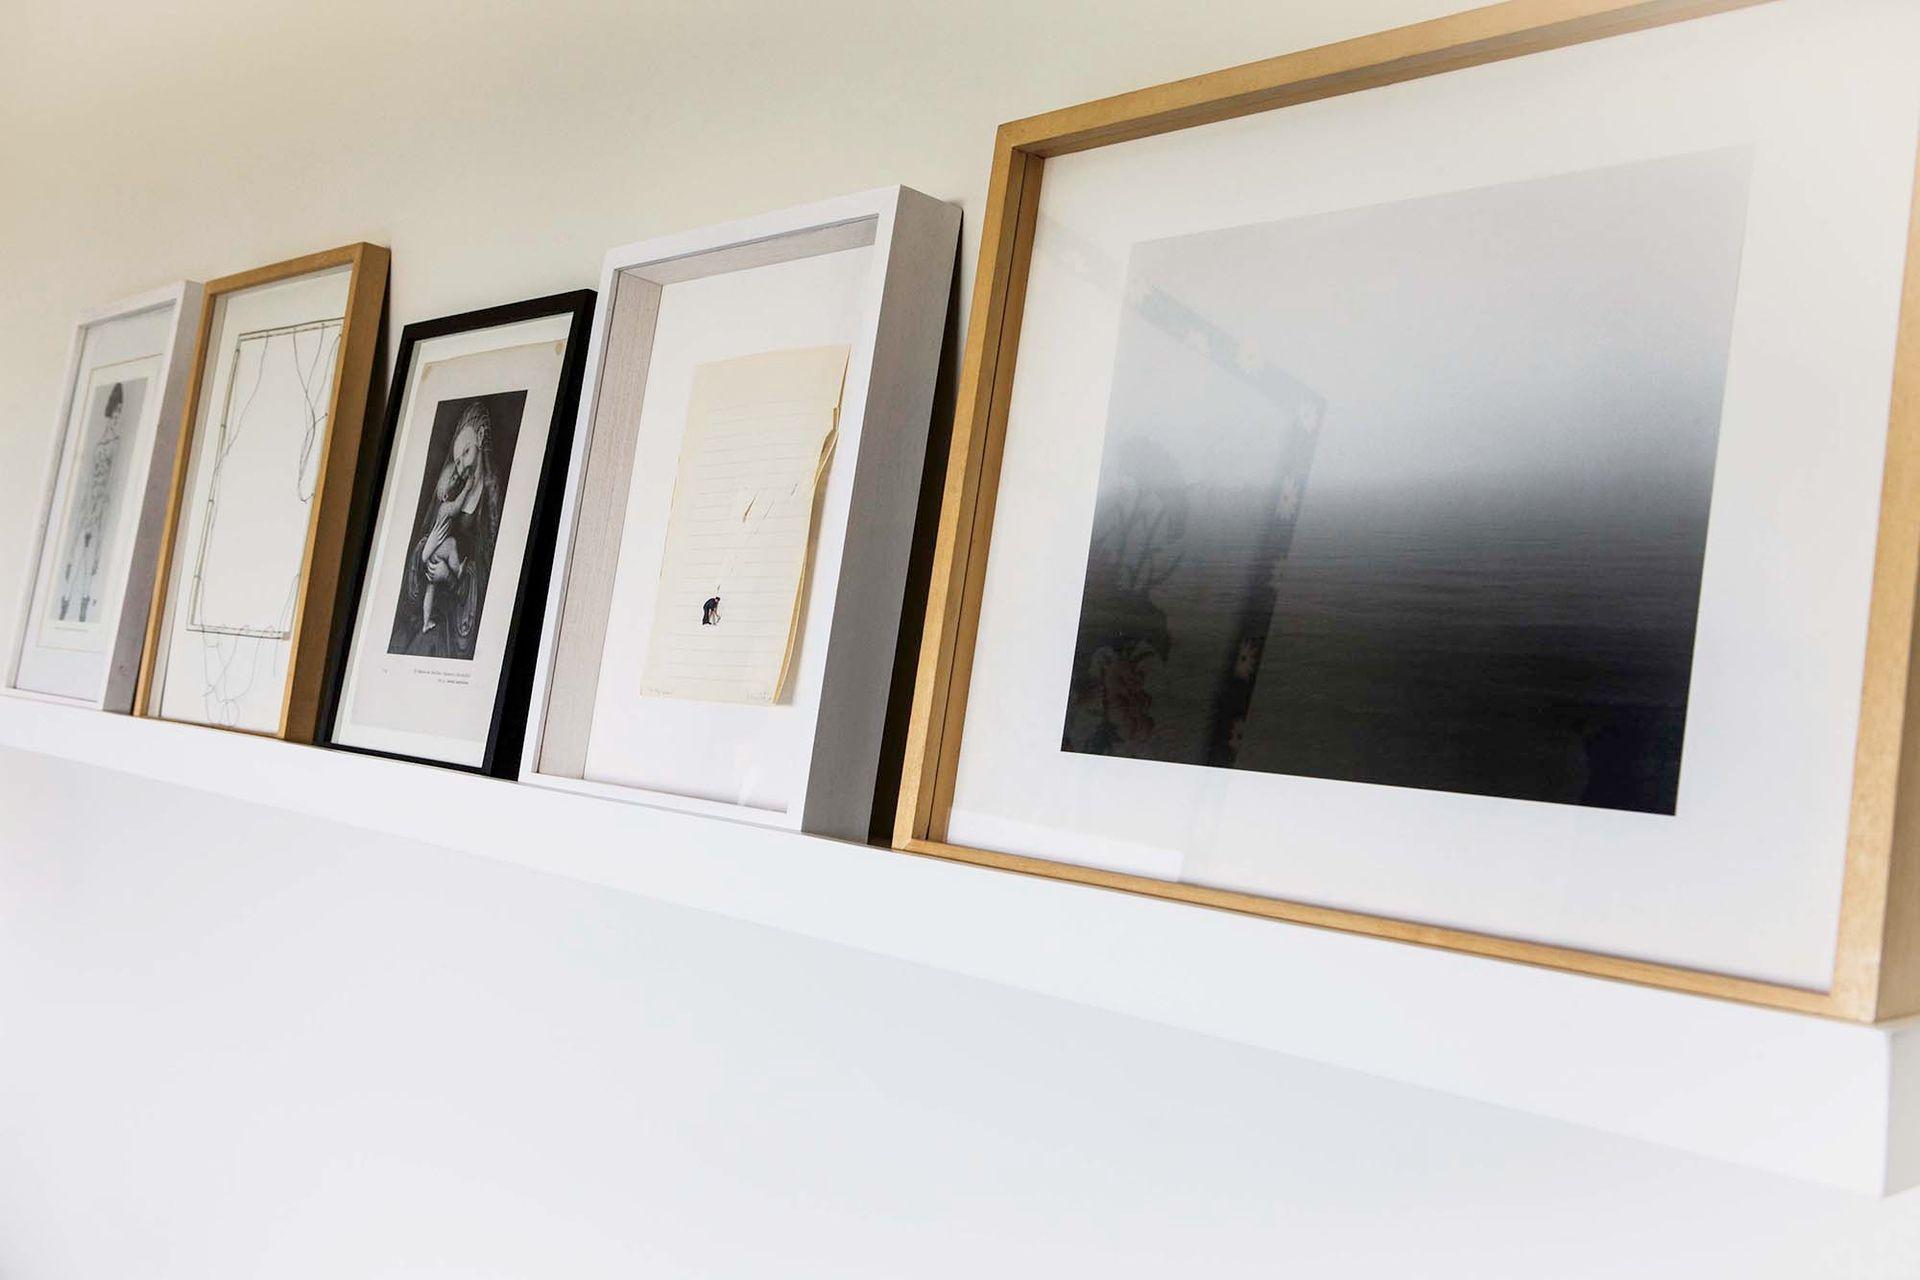 El estante con zócalo al frente da apoyo a varias obras, lo que permite rotarlas y alternar composiciones sin tener que agujerear las paredes.